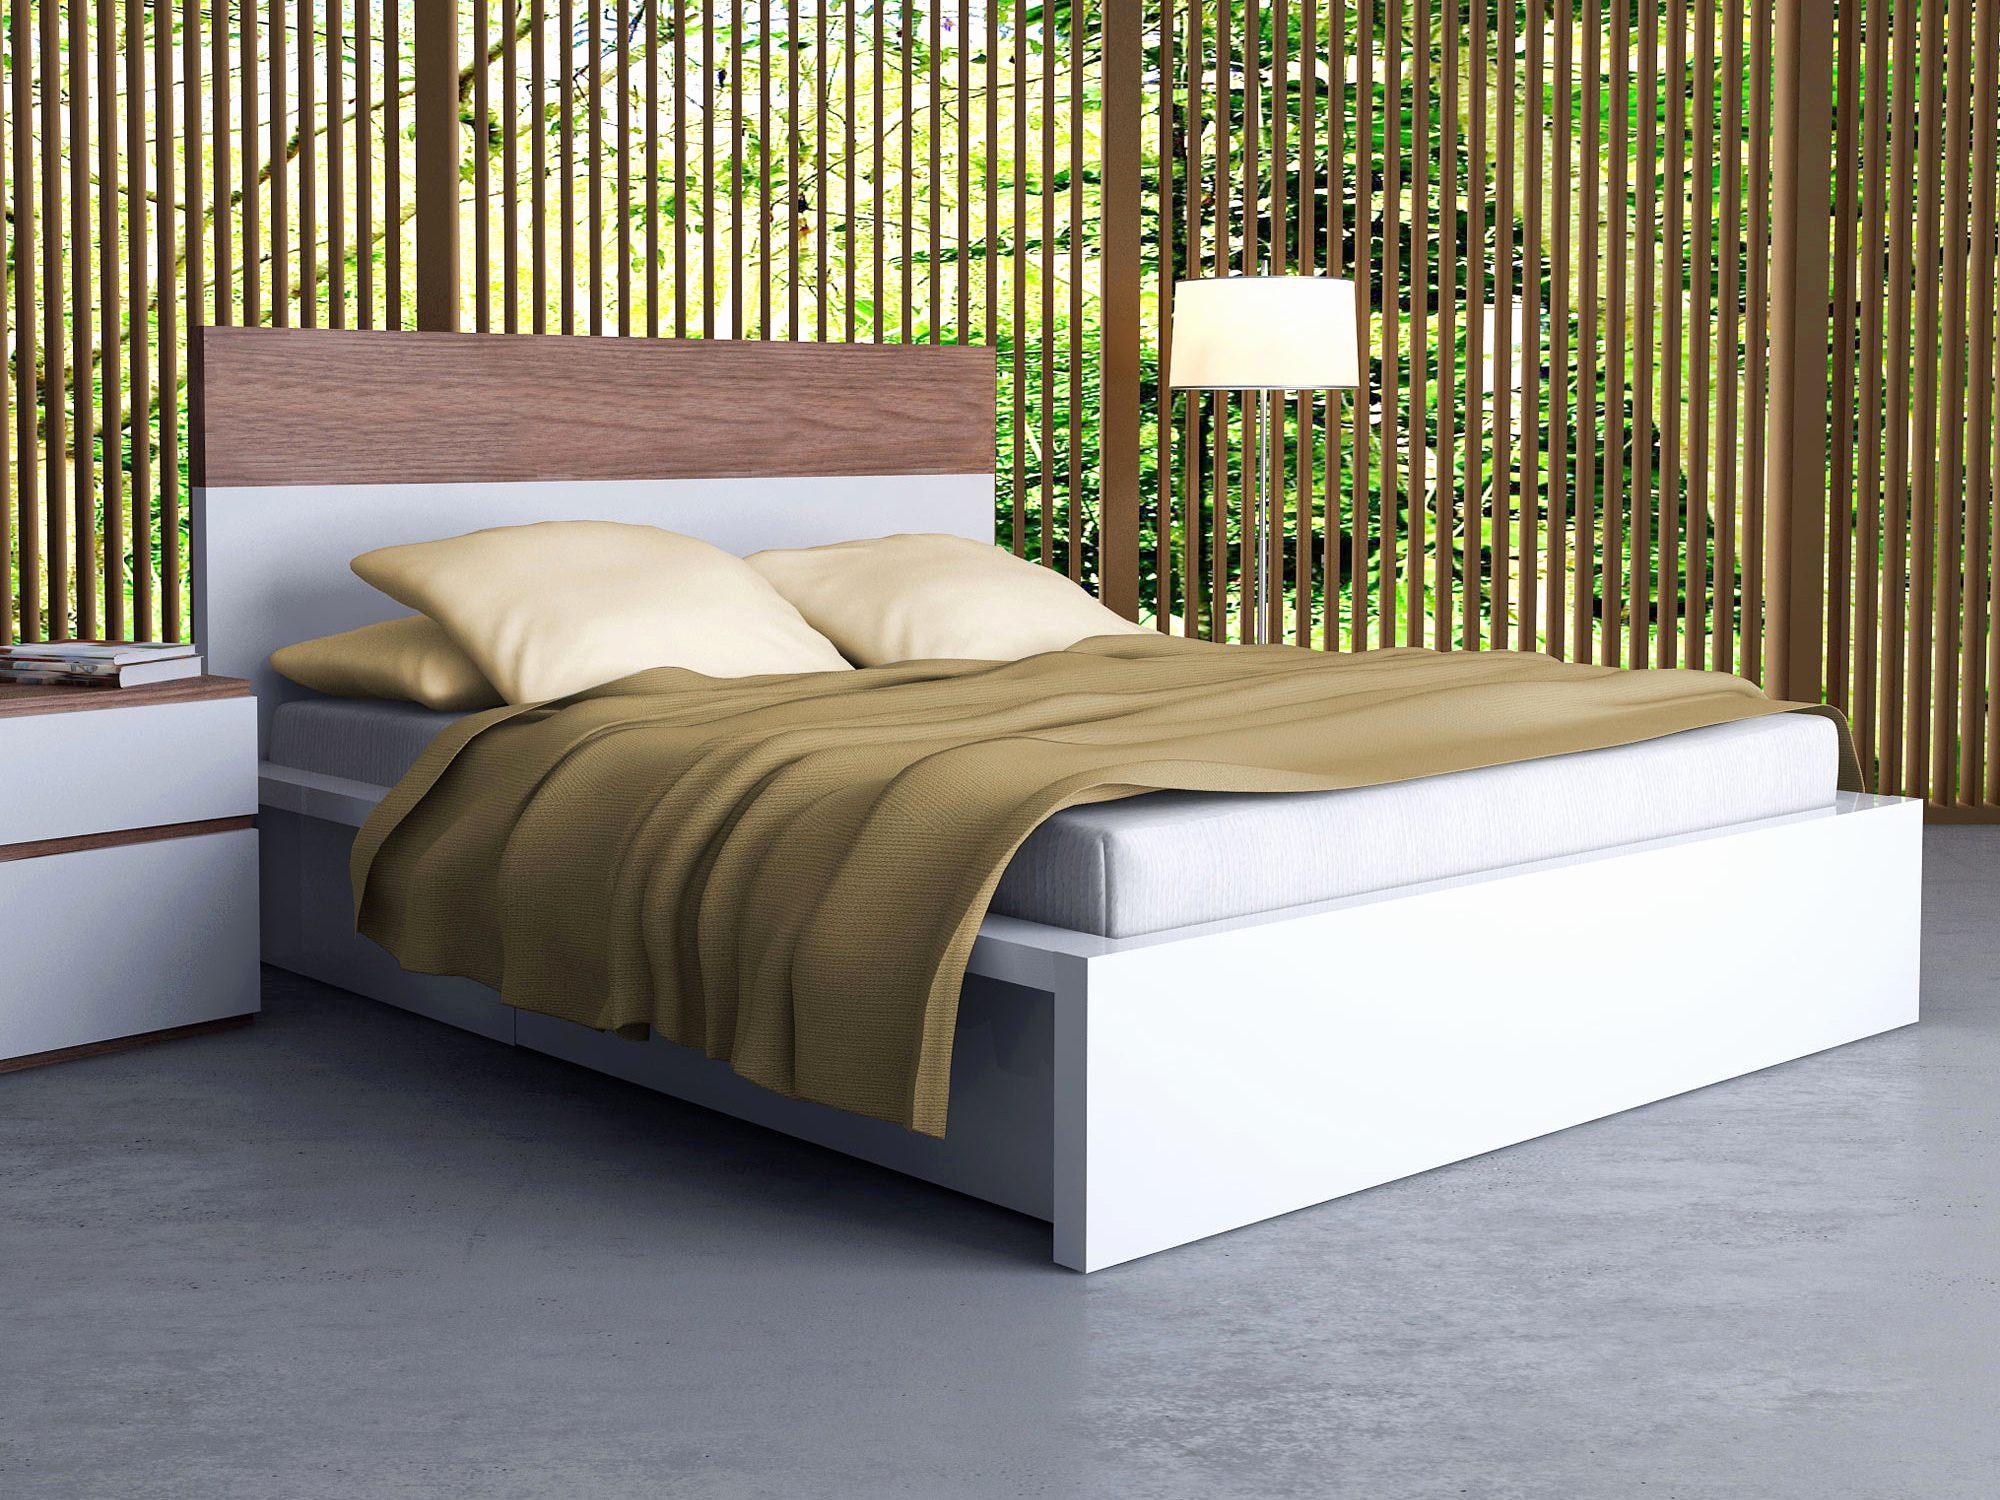 Tete De Lit Blanche 160 Inspirant Tete De Lit Tissu Ikea Inspirant Mandal Tete De Lit Nouveau S Tete